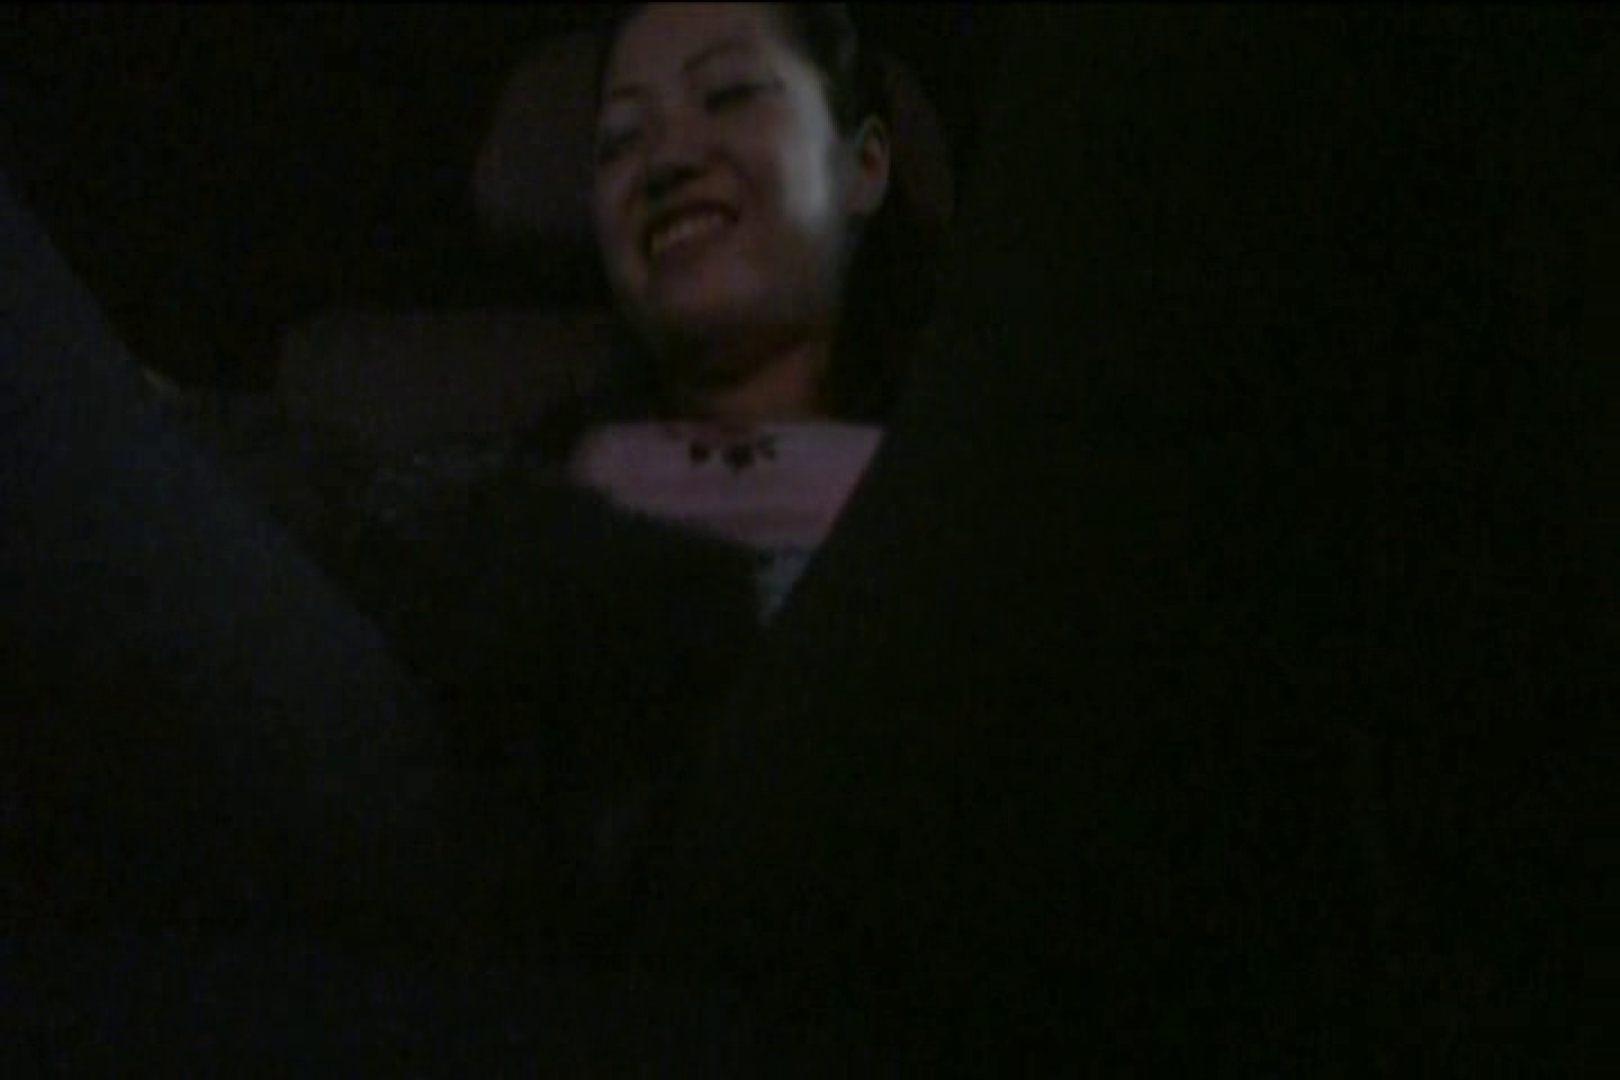 車内で初めまして! vol01 OLのエロ生活  105連発 84